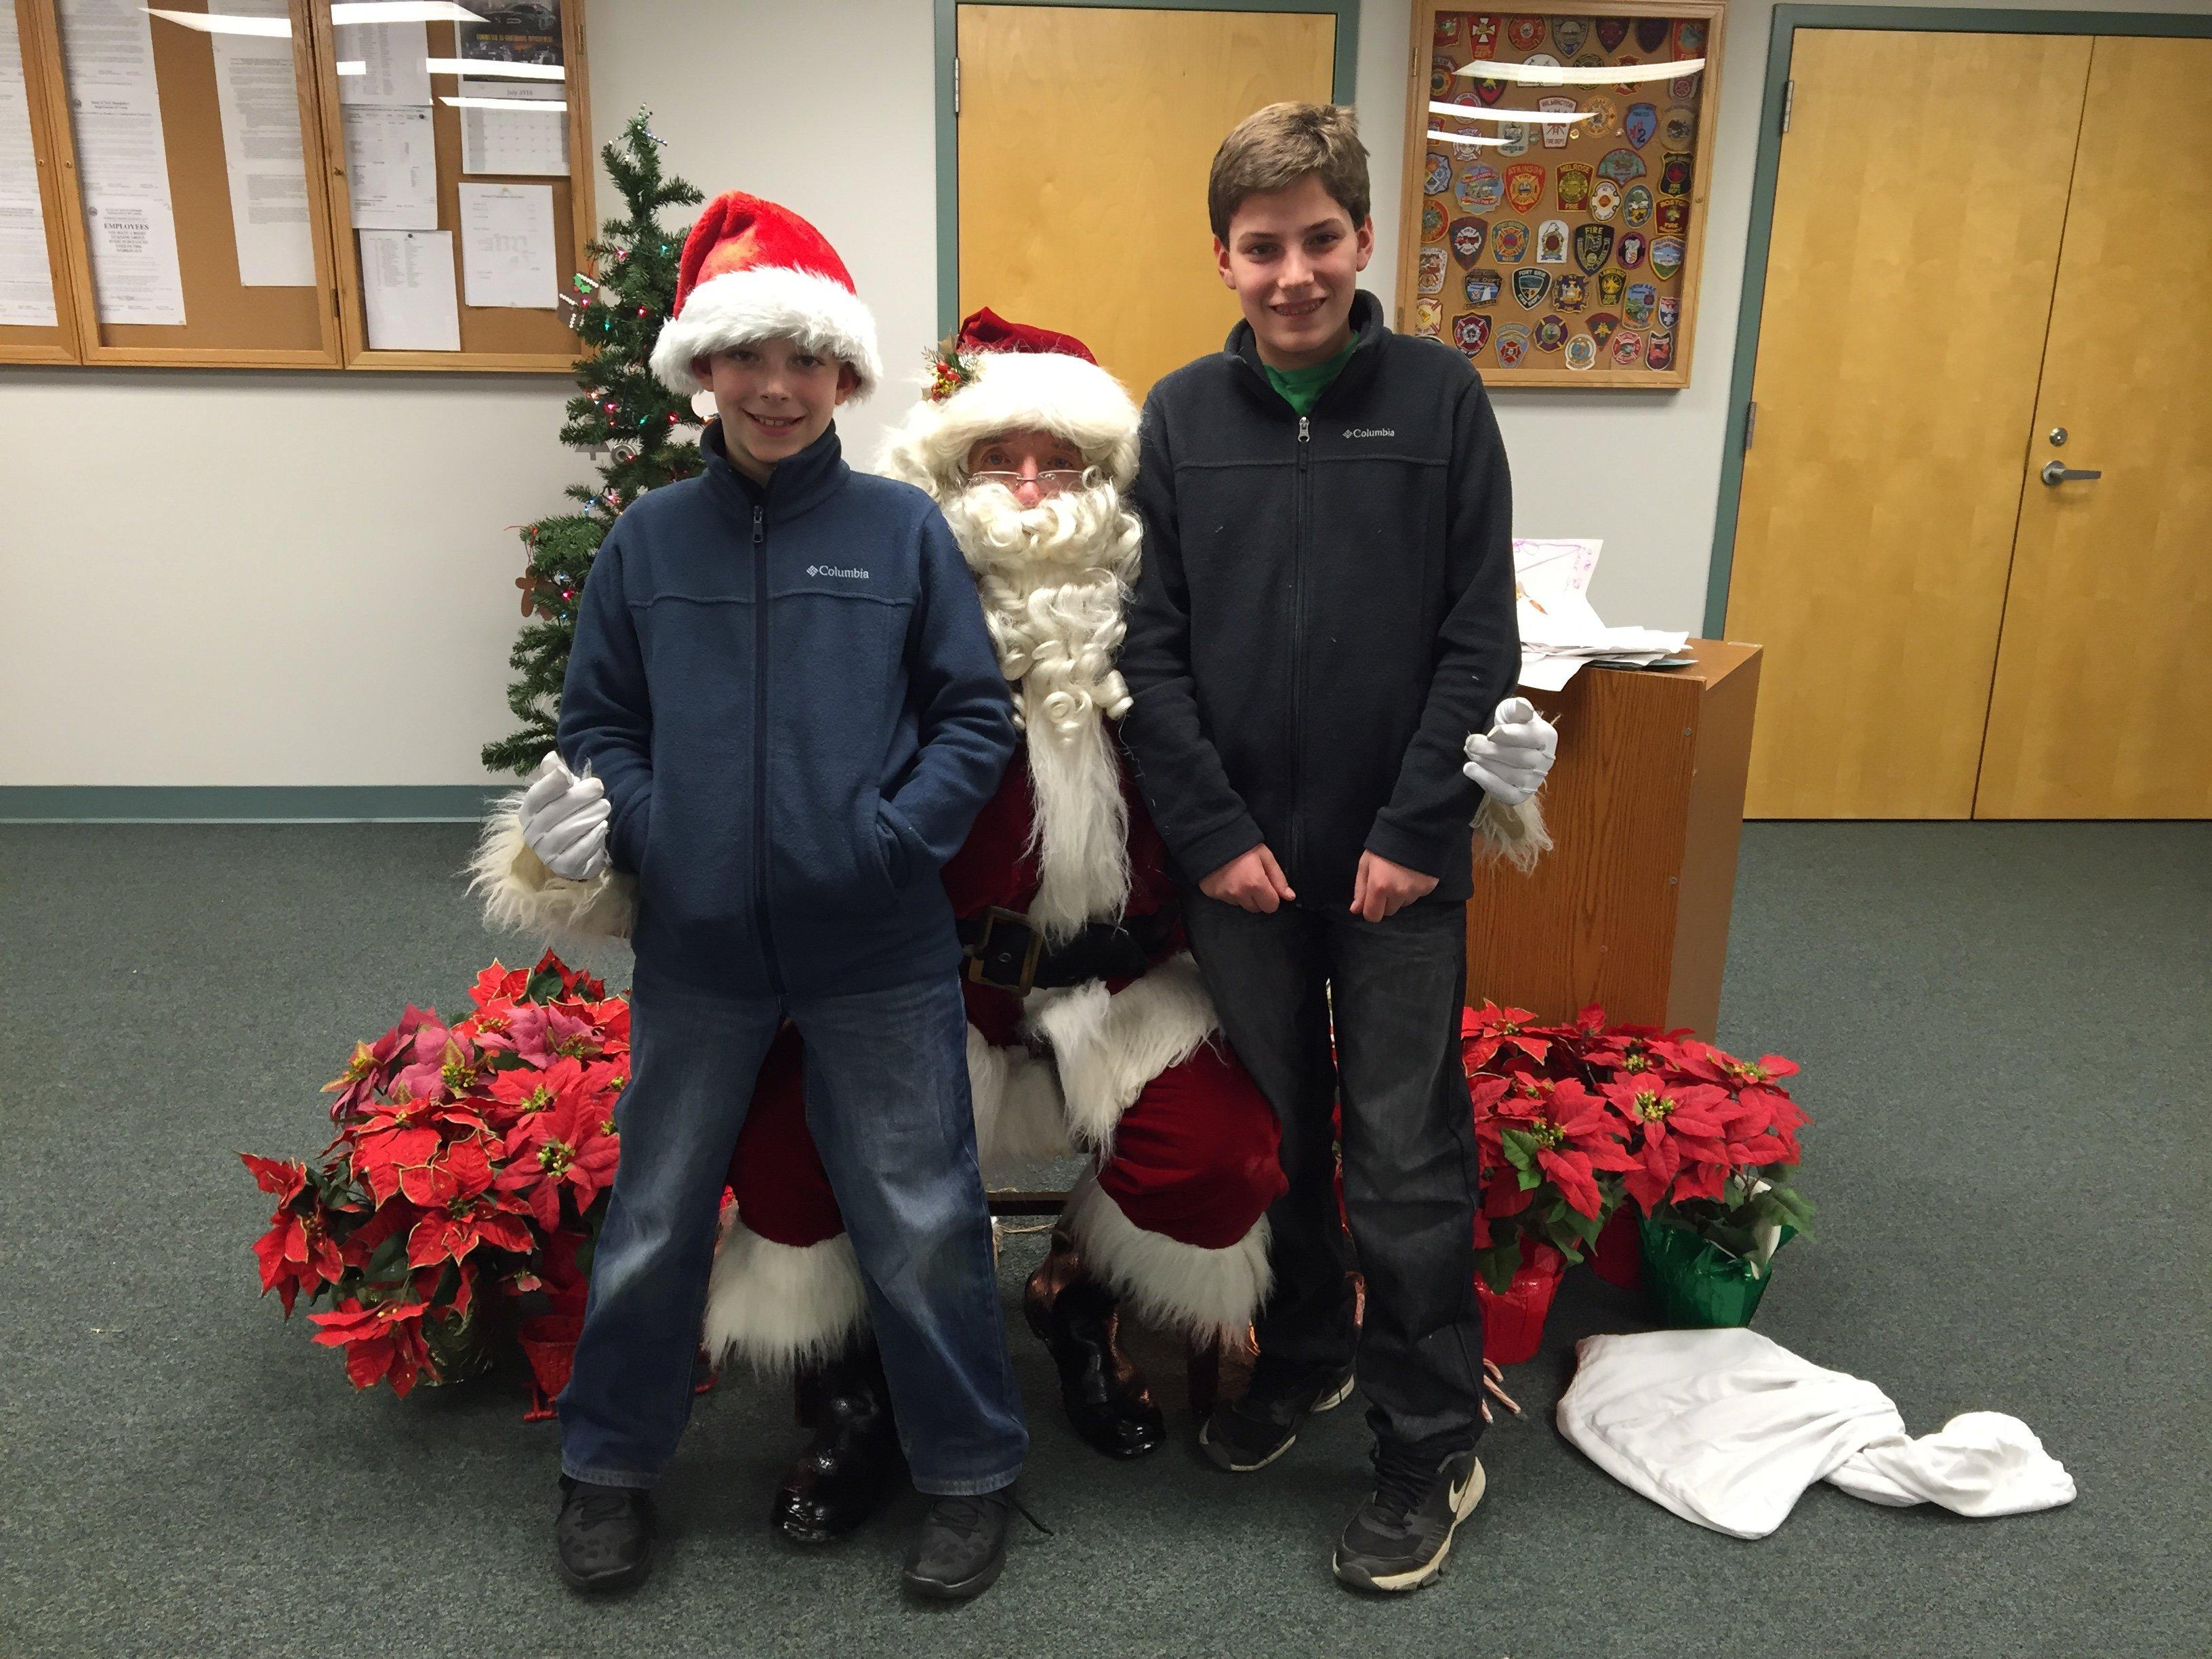 Mason & Jack Carubba with Santa